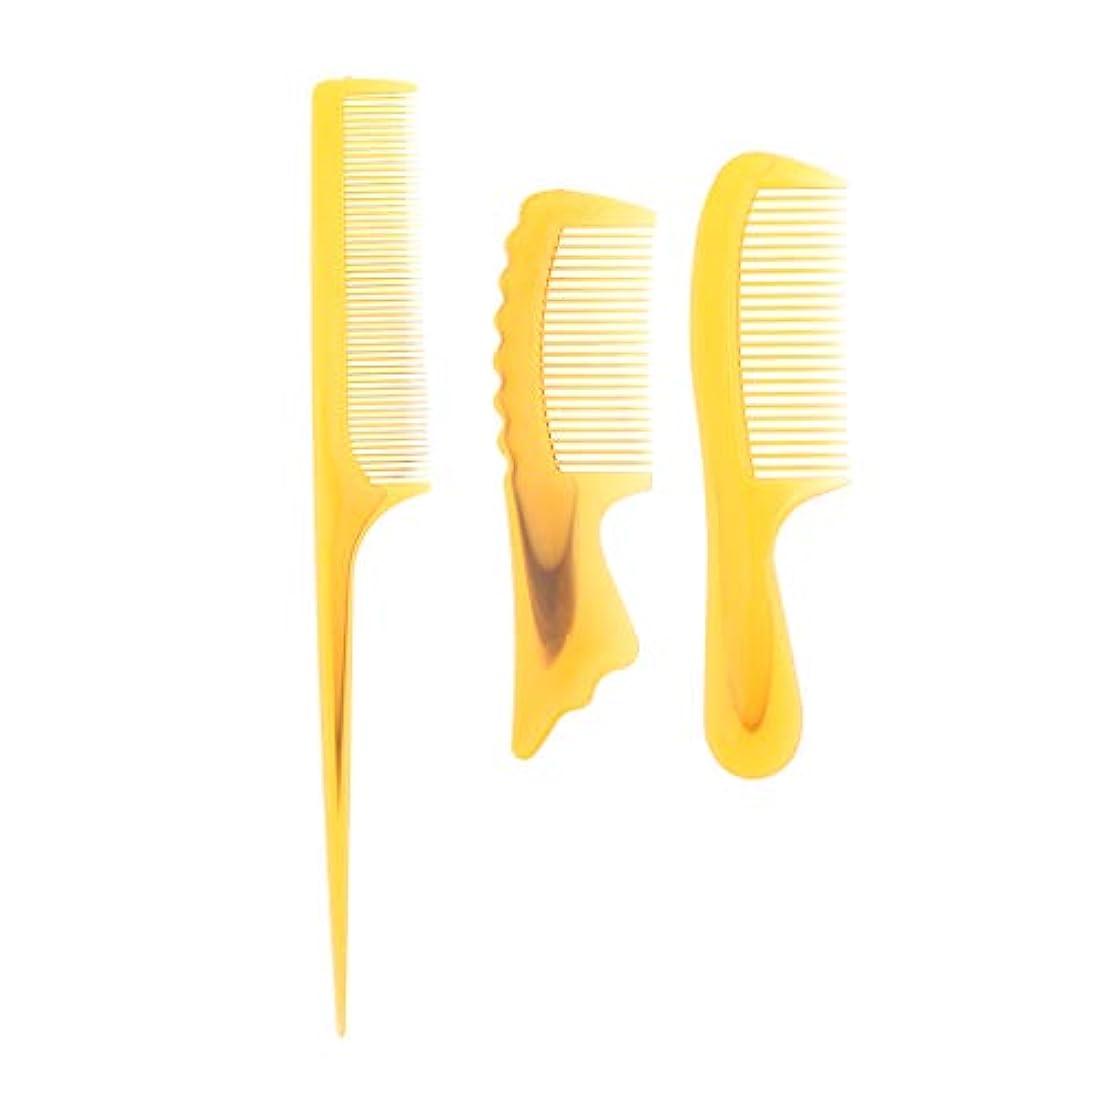 反射ブランクアレイ3個 髪の櫛 静電防止櫛 ヘアブラシ ヘアコーム コーム